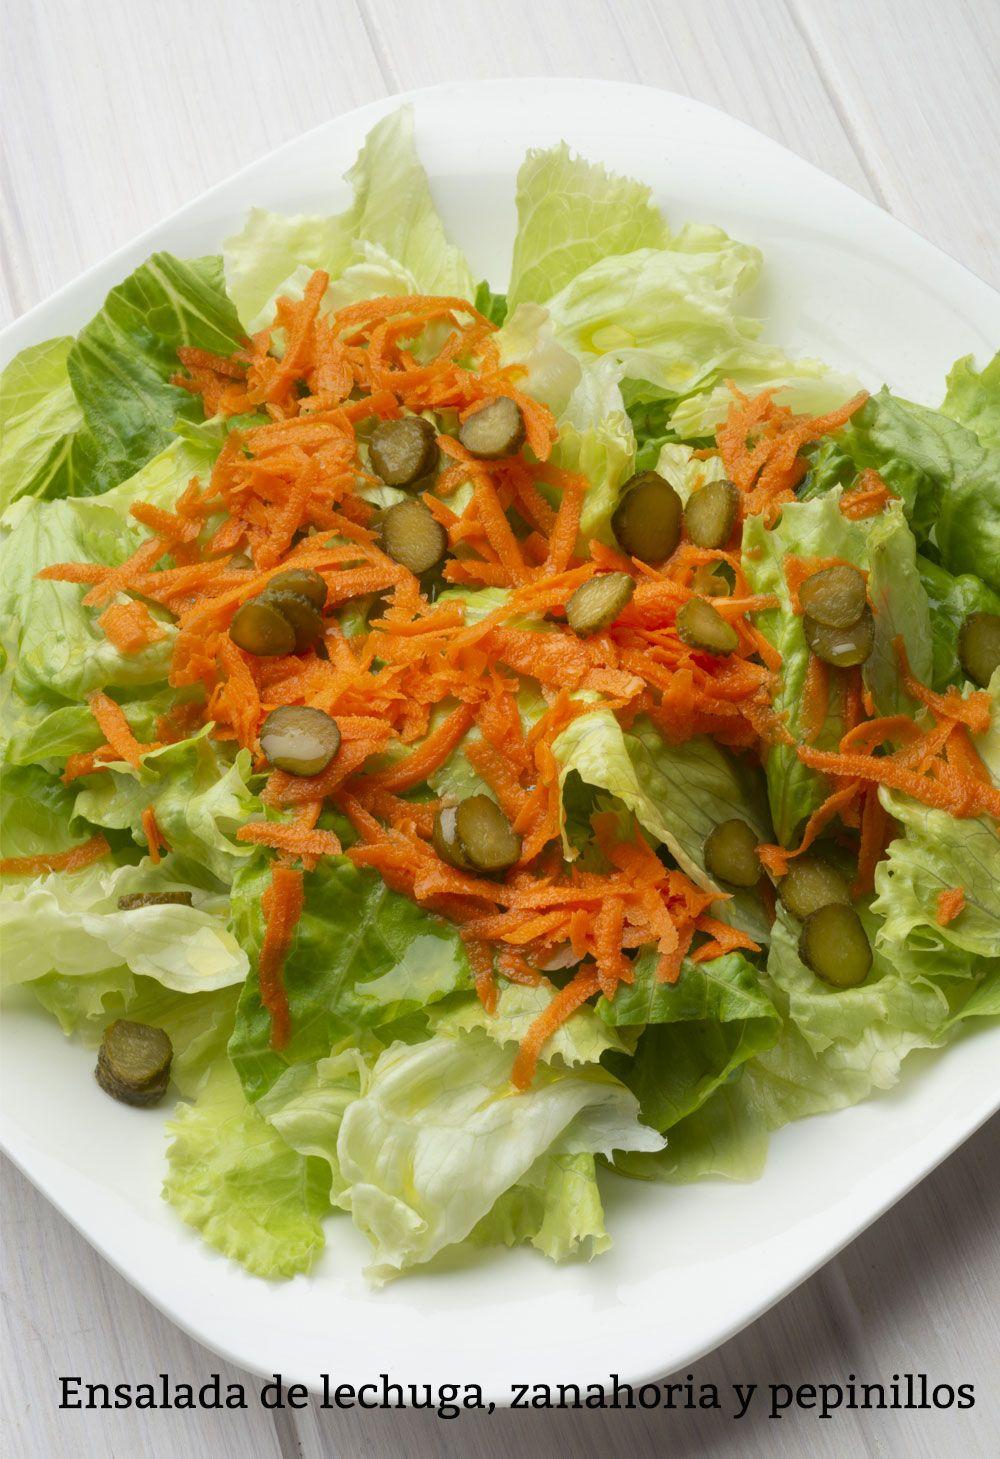 Ensalada de lechuga, zanahoria y pepinillos